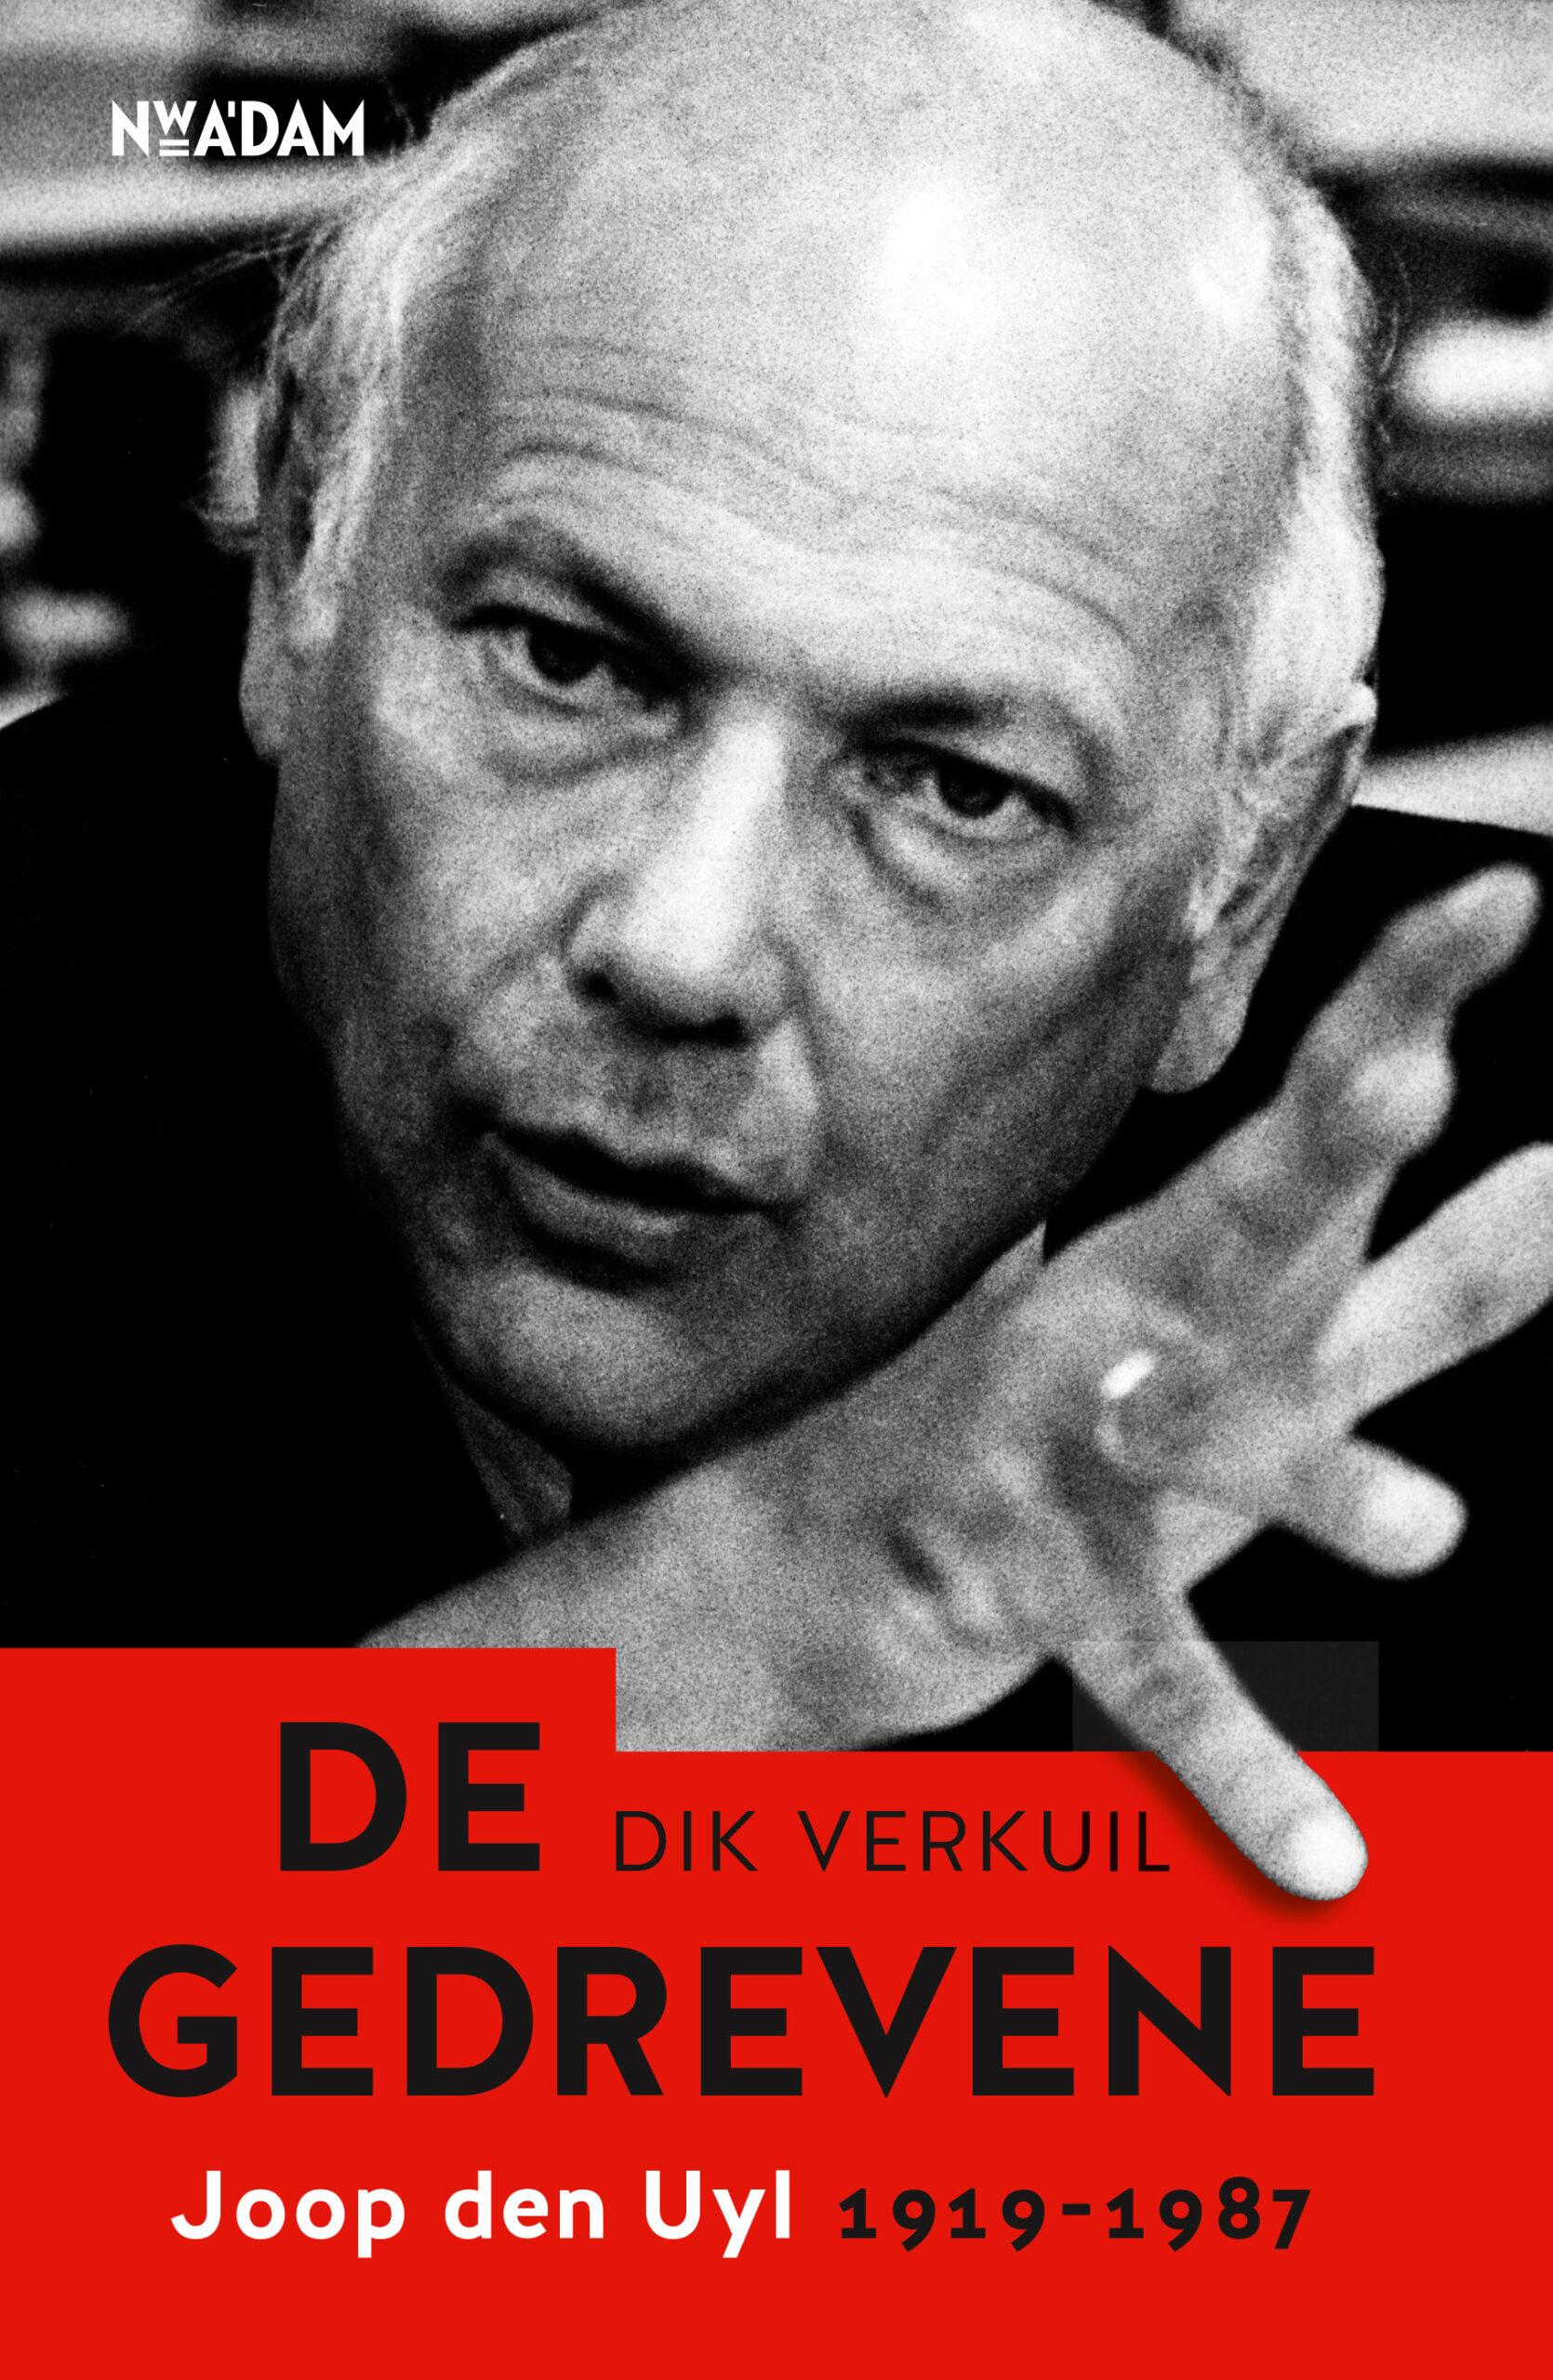 De gedrevene - boekenflits.nl